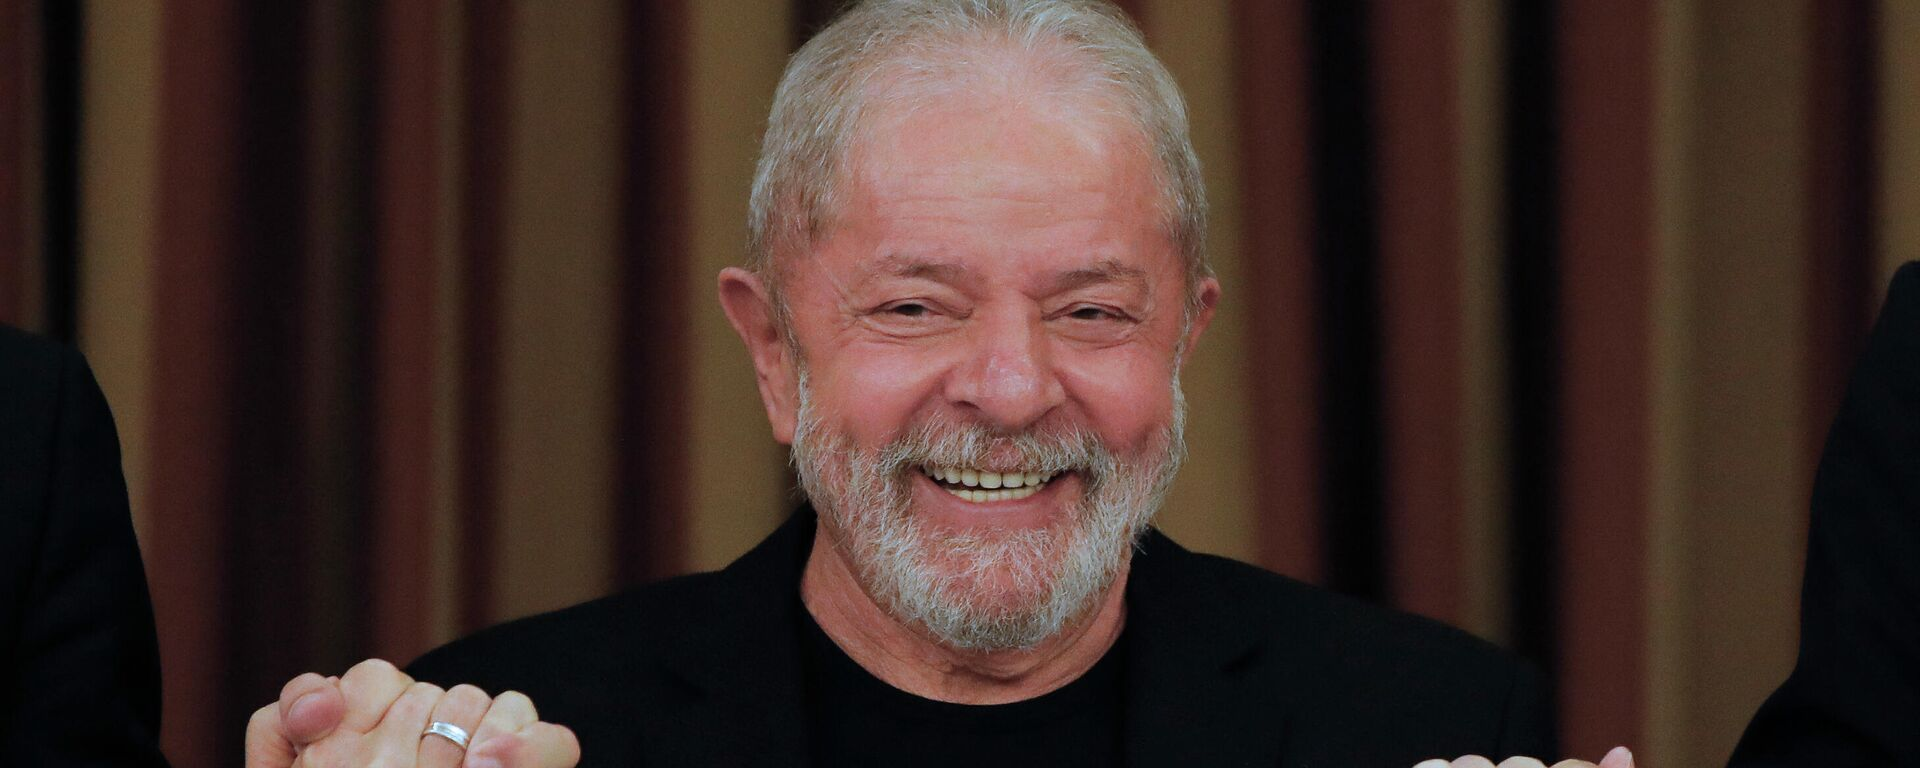 El ex presidente de Brasil, Luiz Inácio Lula da Silva, durante una reunión con diputados y senadores del Partido de los Trabajadores. Brasilia, 18 de febrero de 2020. - Sputnik Mundo, 1920, 17.06.2021